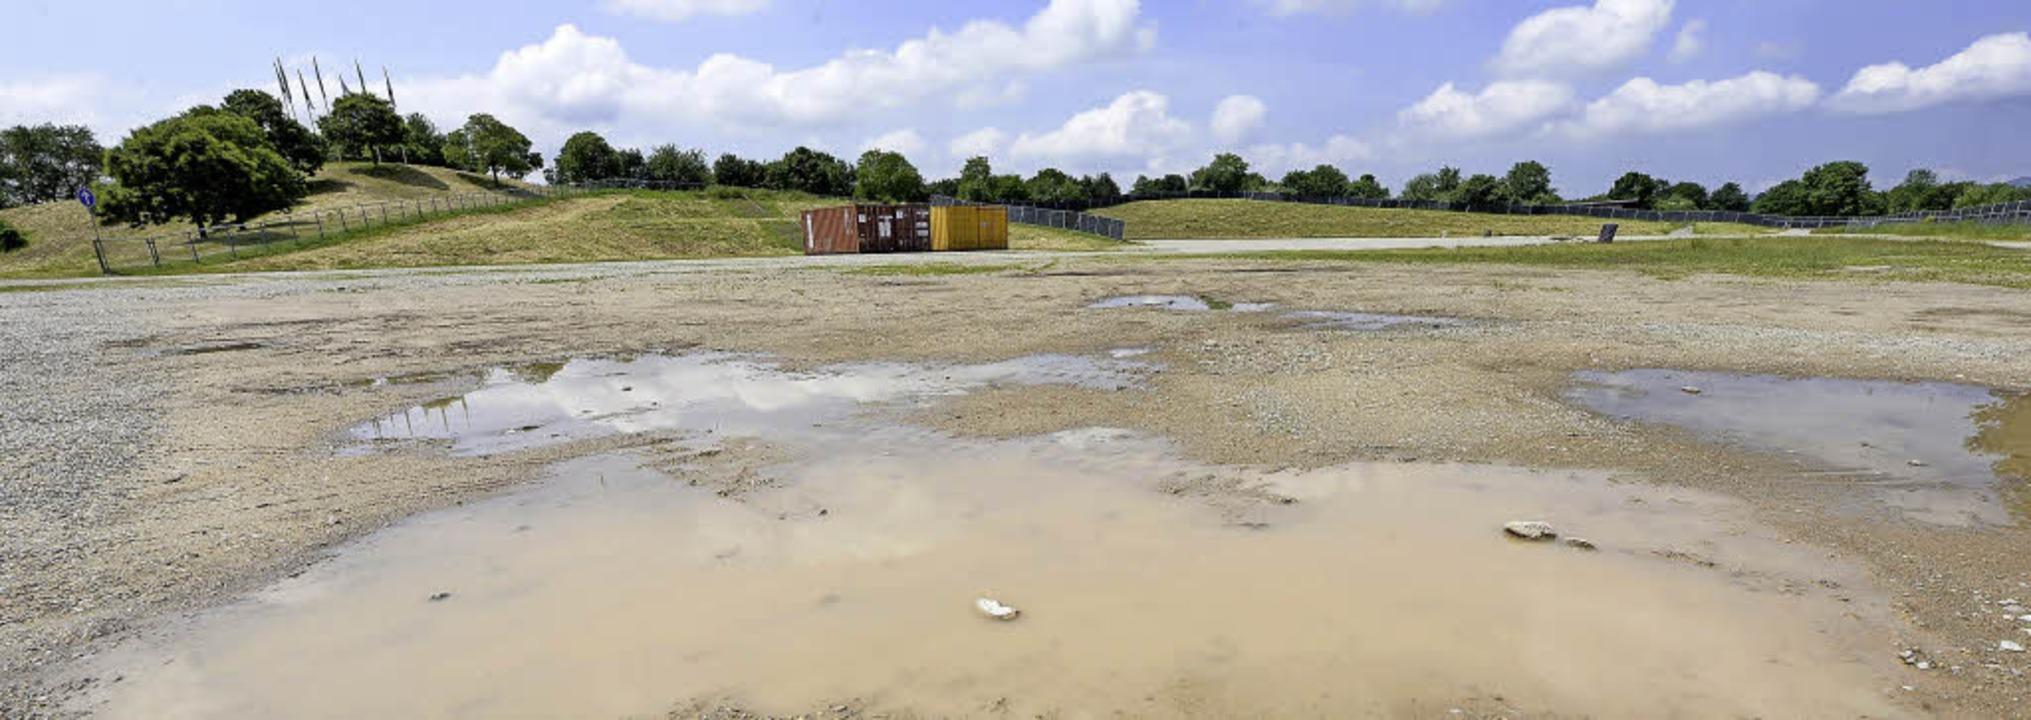 Eine Lage Splitt ist auf dem ZMF-Gelän...Gefälle fehlt, staut sich das Wasser.   | Foto: Ingo Schneider